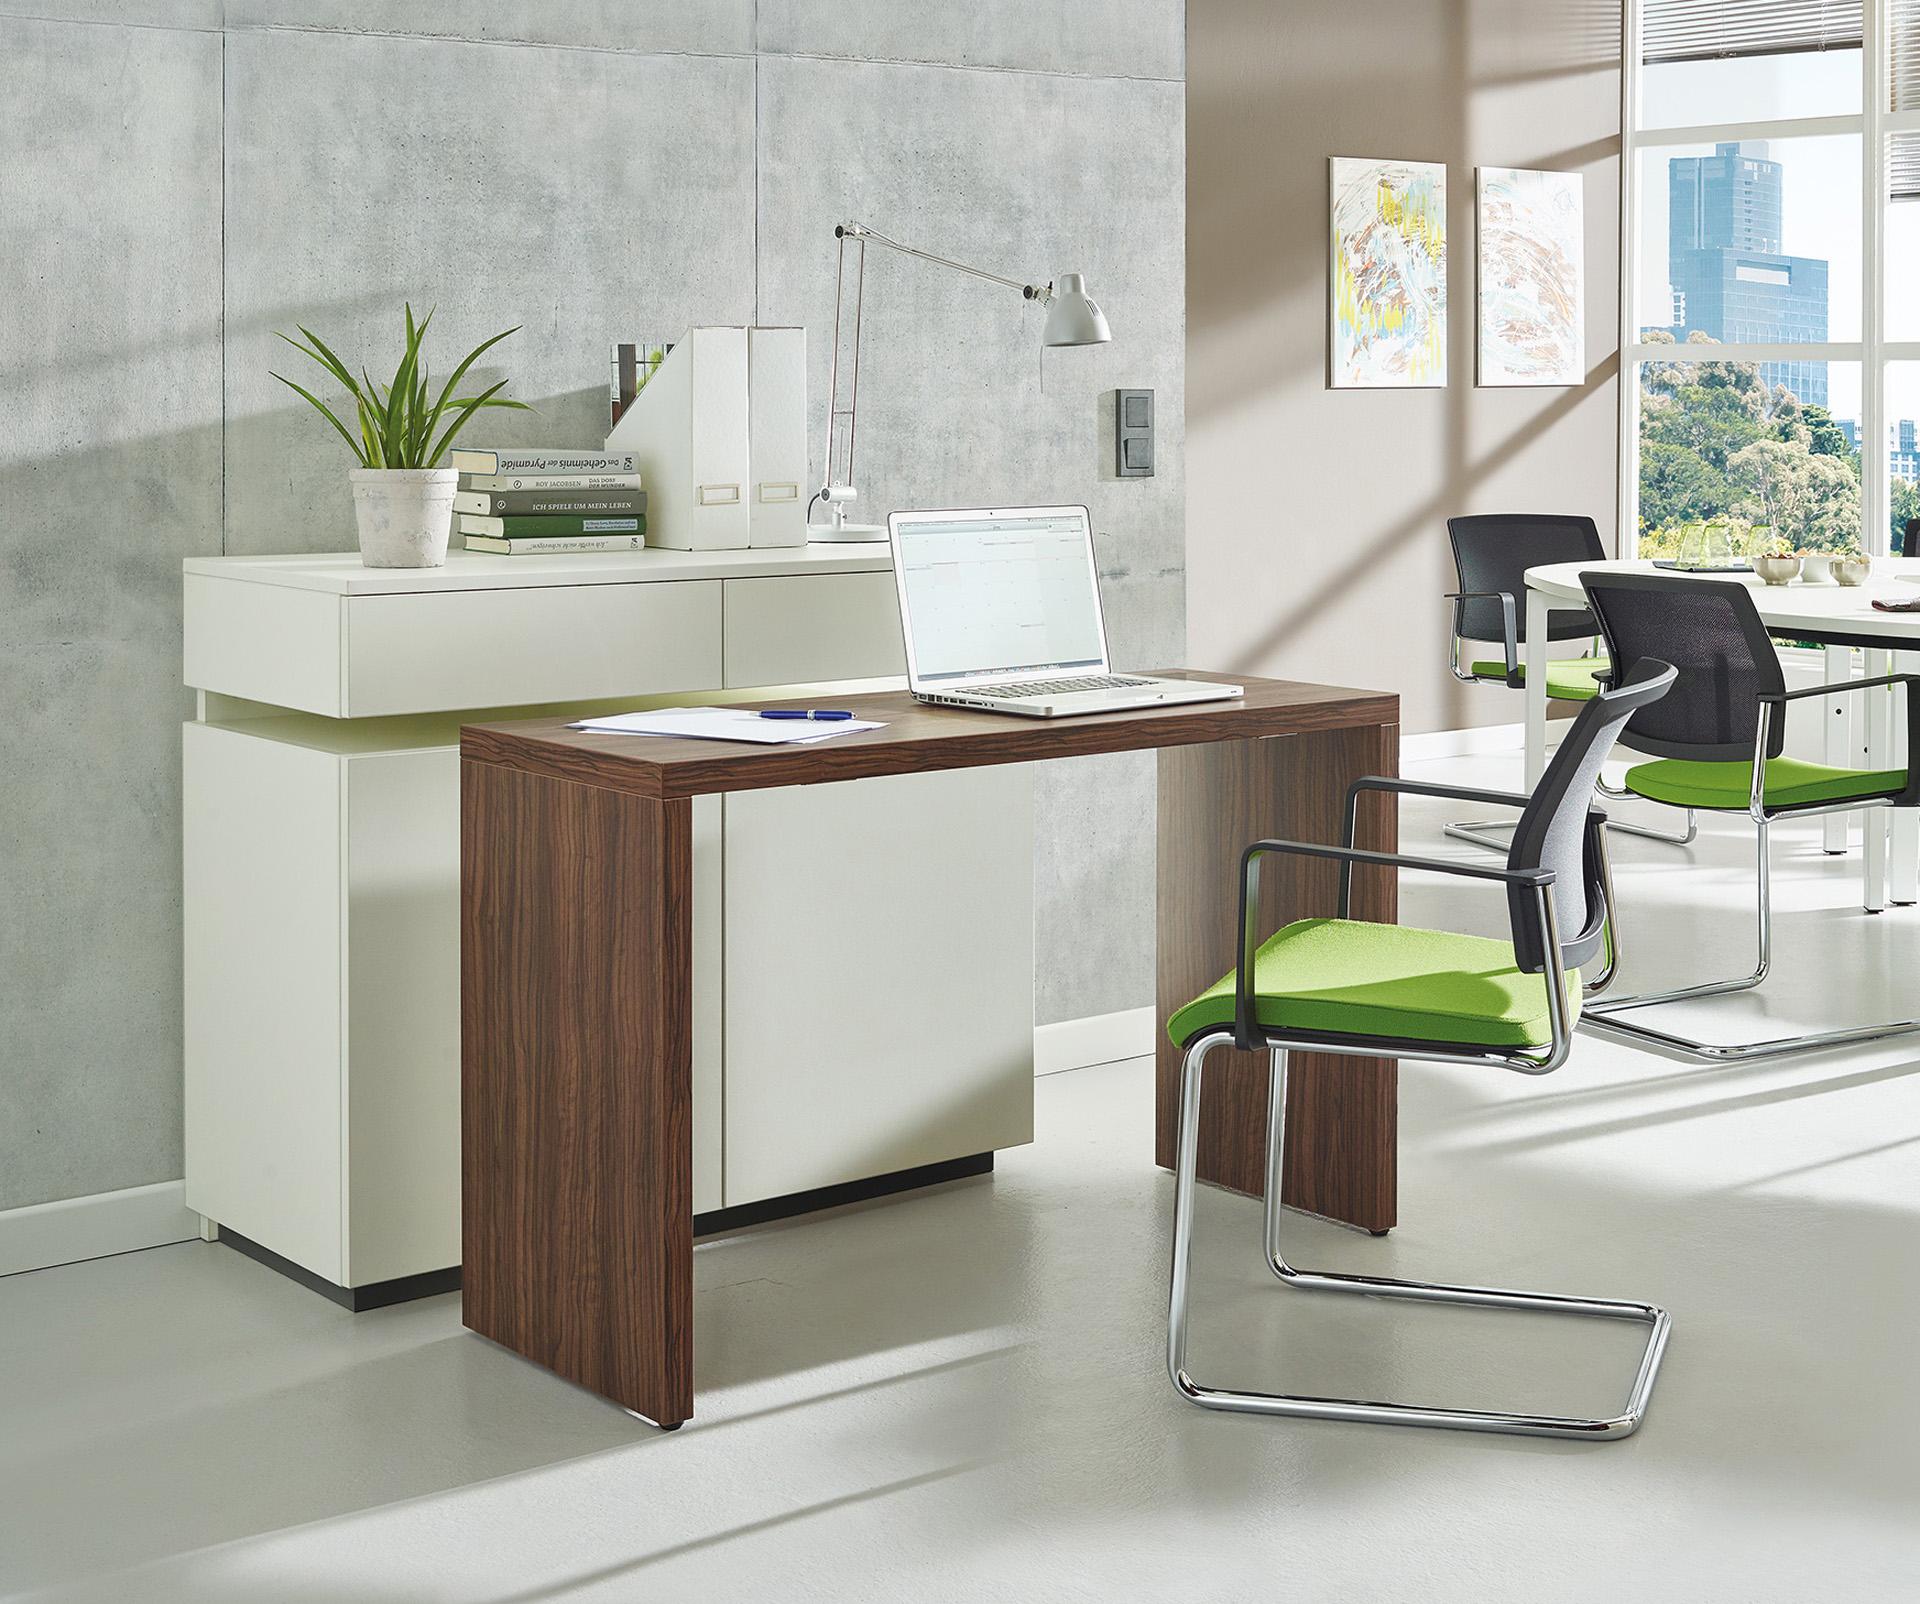 Wunderbar Büromöbel Mönchengladbach Bilder - Schlafzimmer Ideen ...